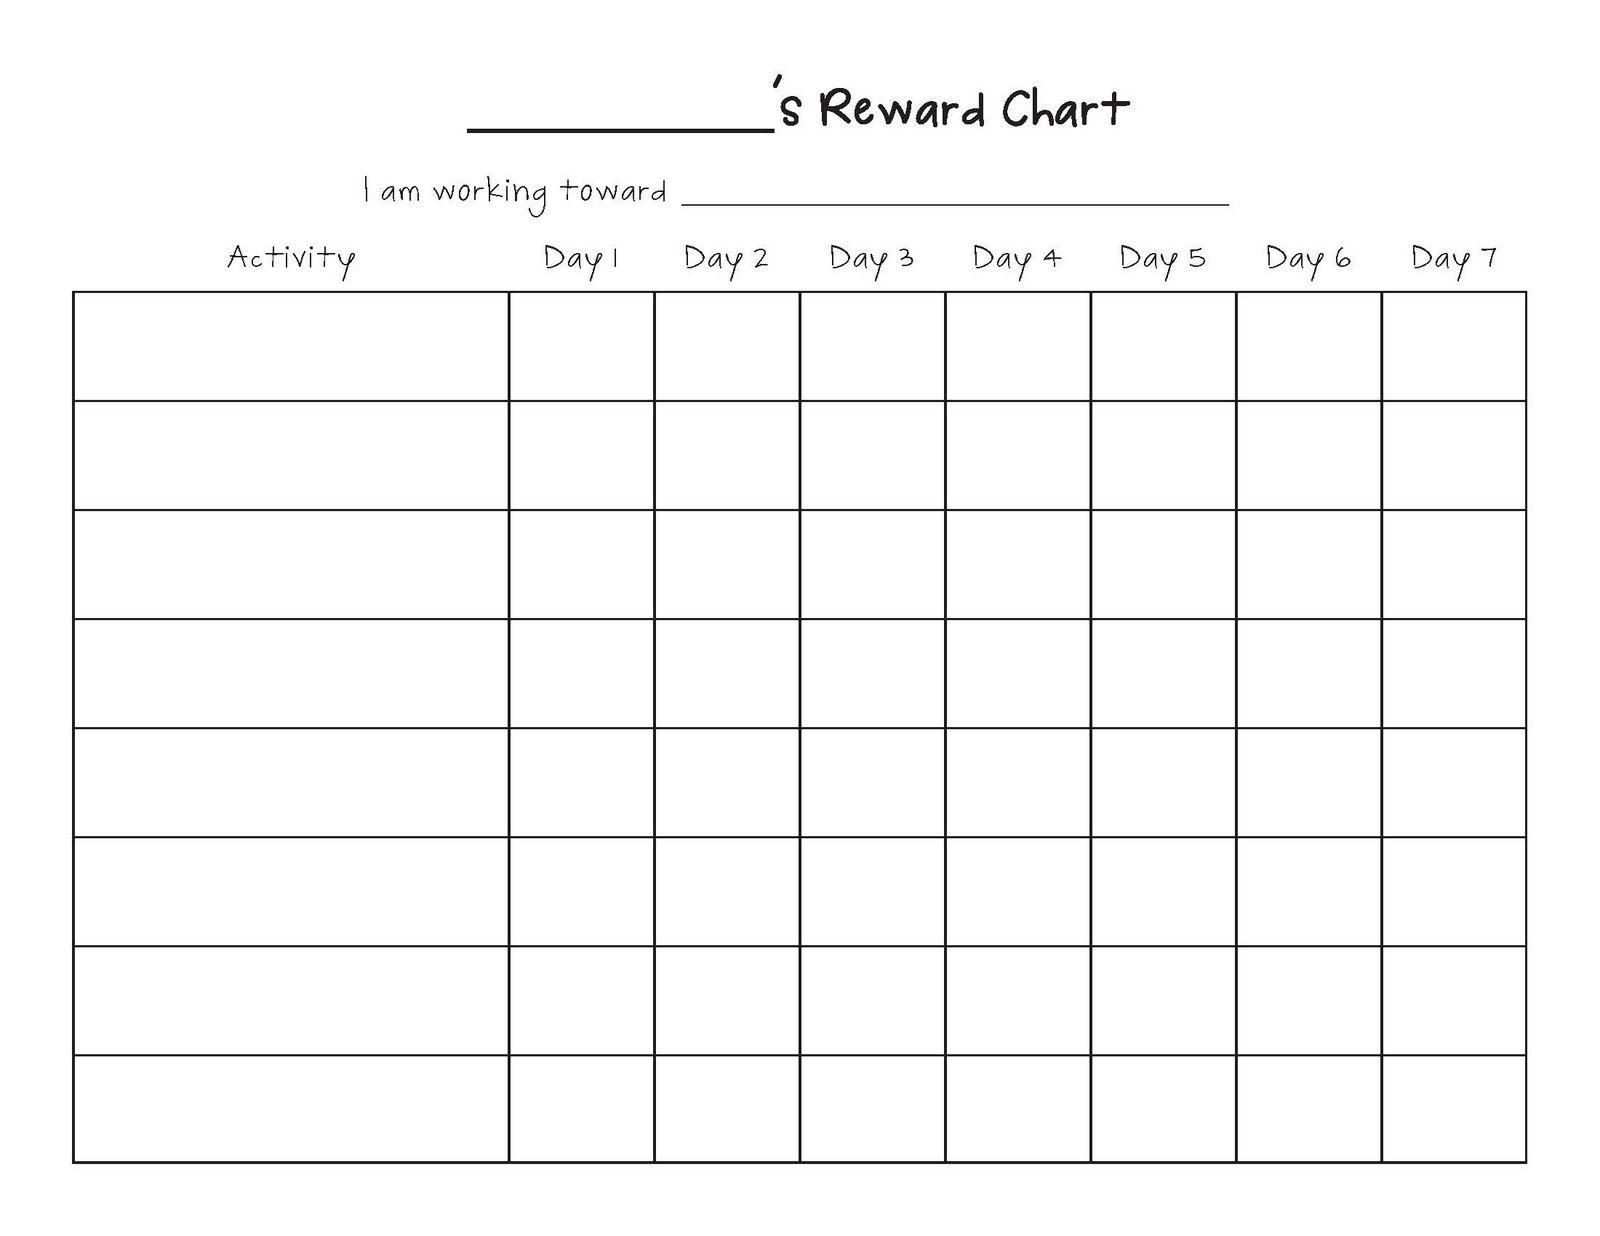 Free Printable Blank Charts | Printable Blank Charts Image Search - Charts Free Printable